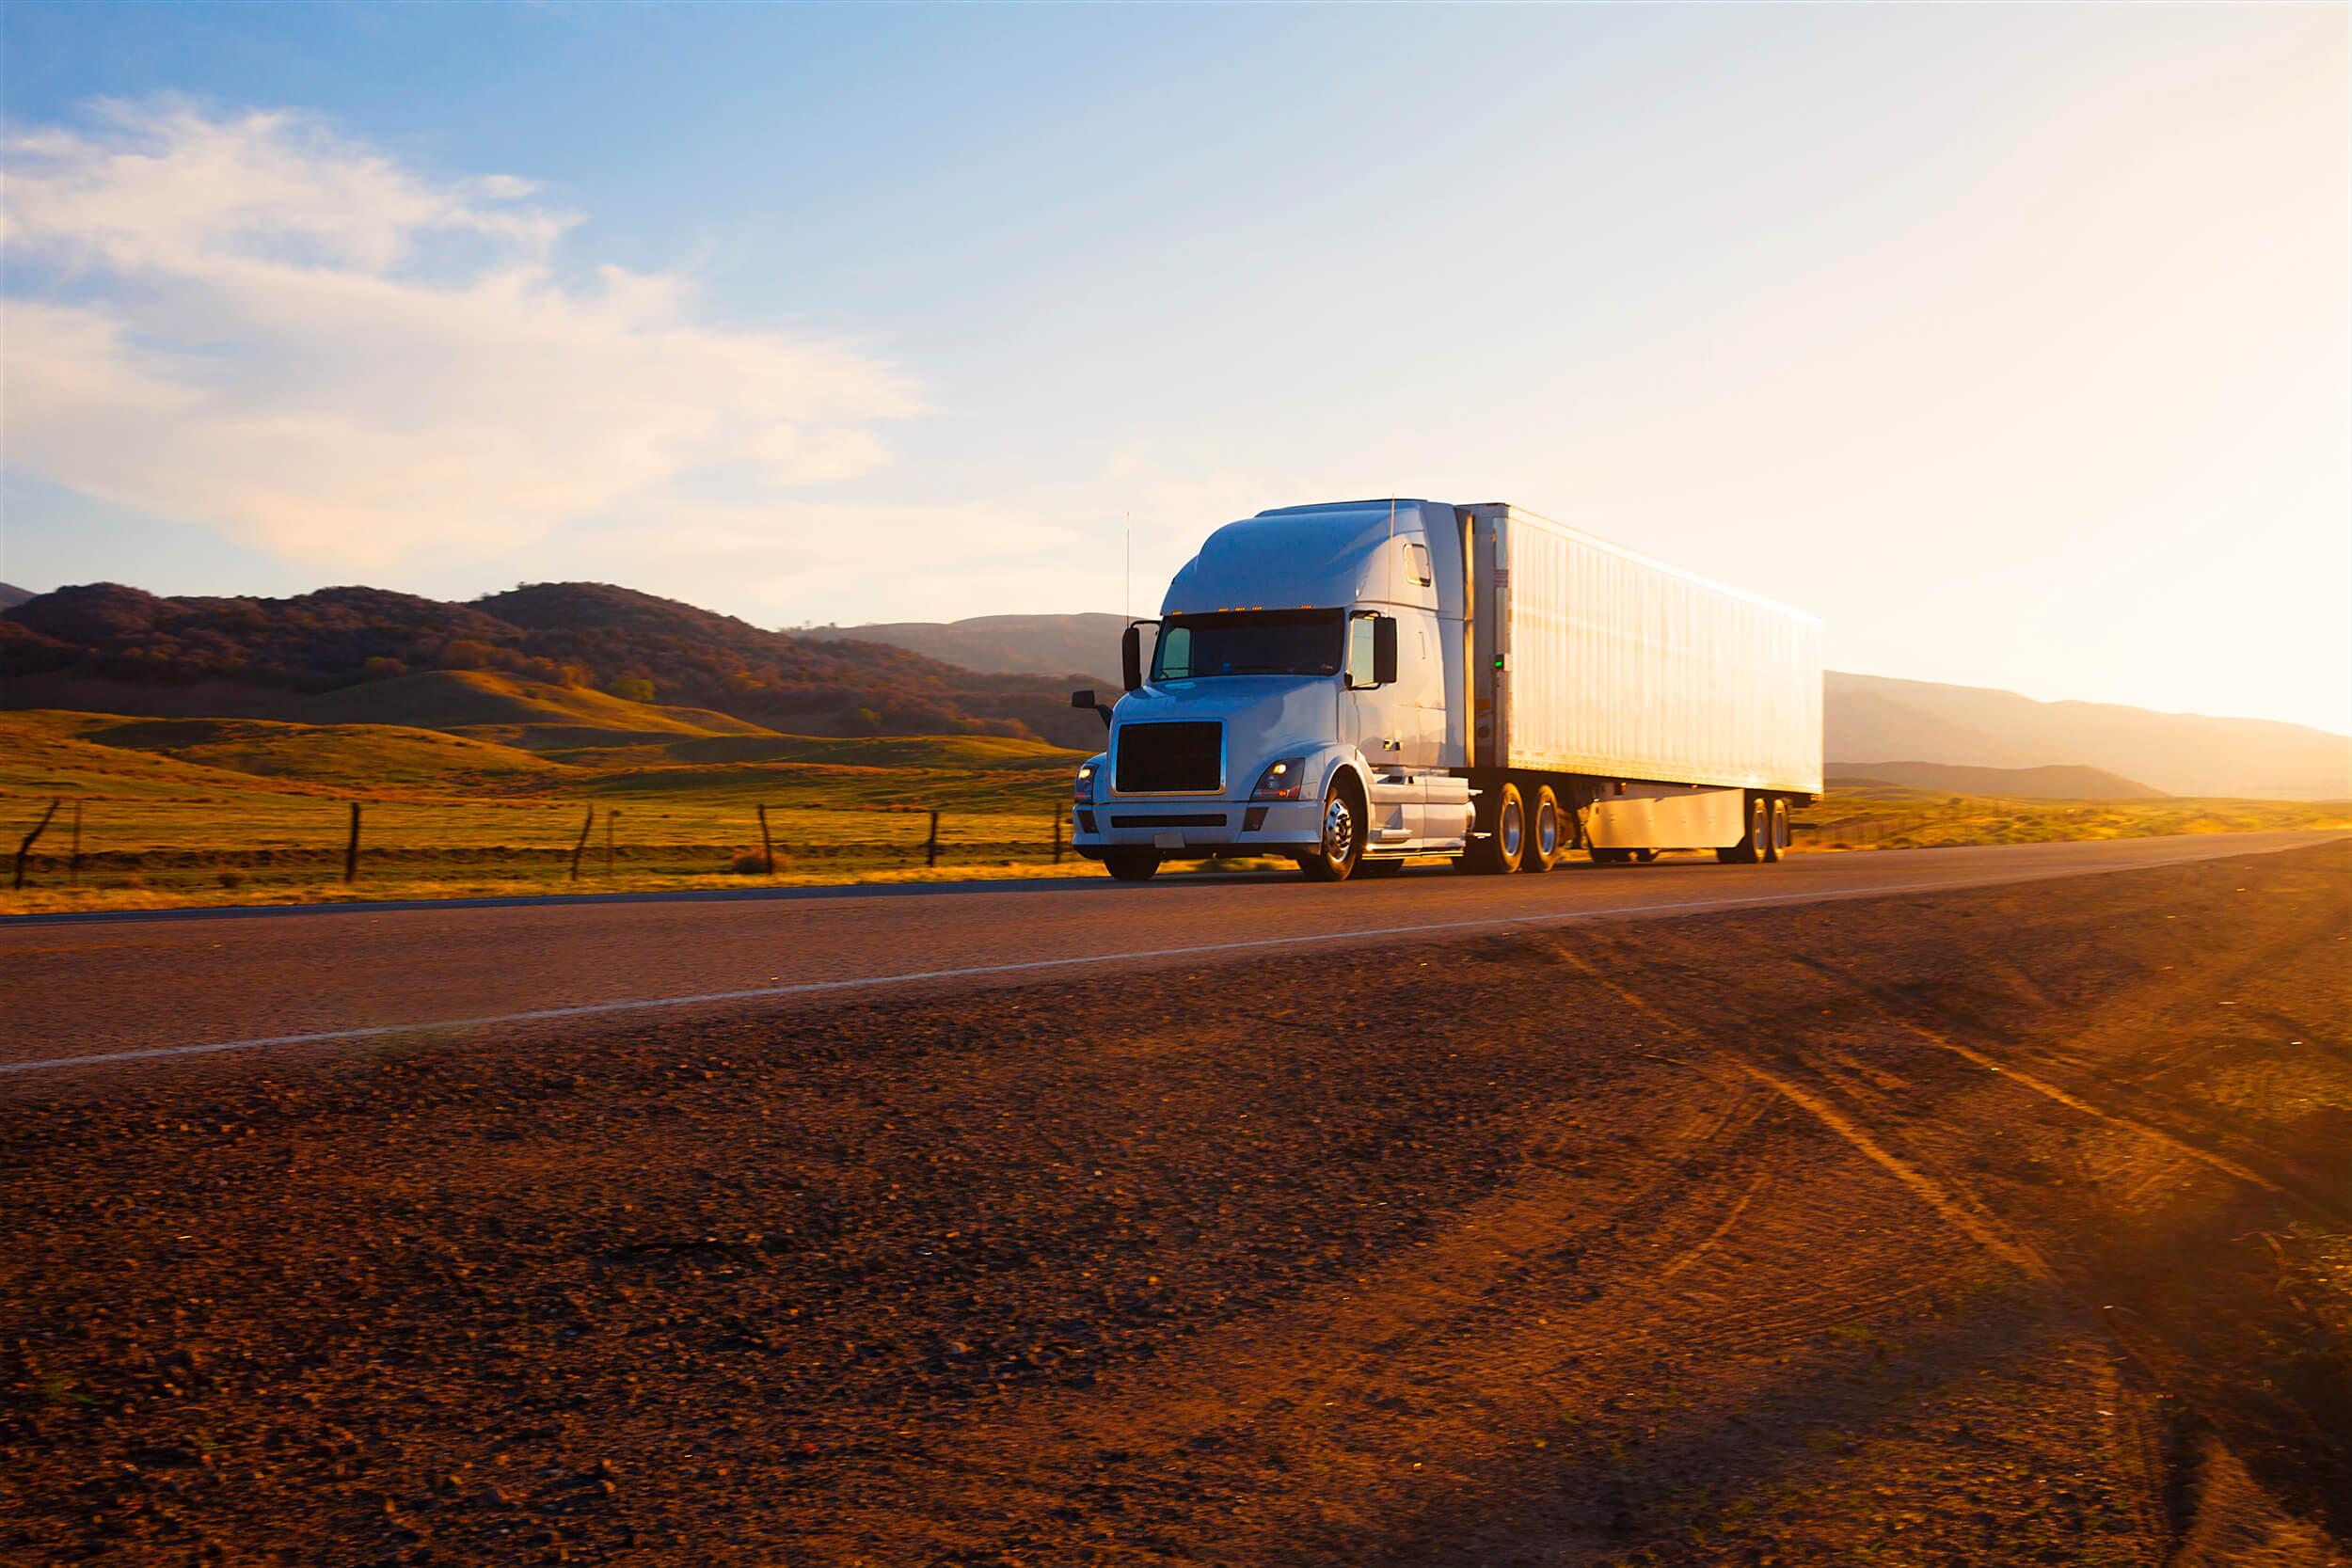 Semi truck drives down the road